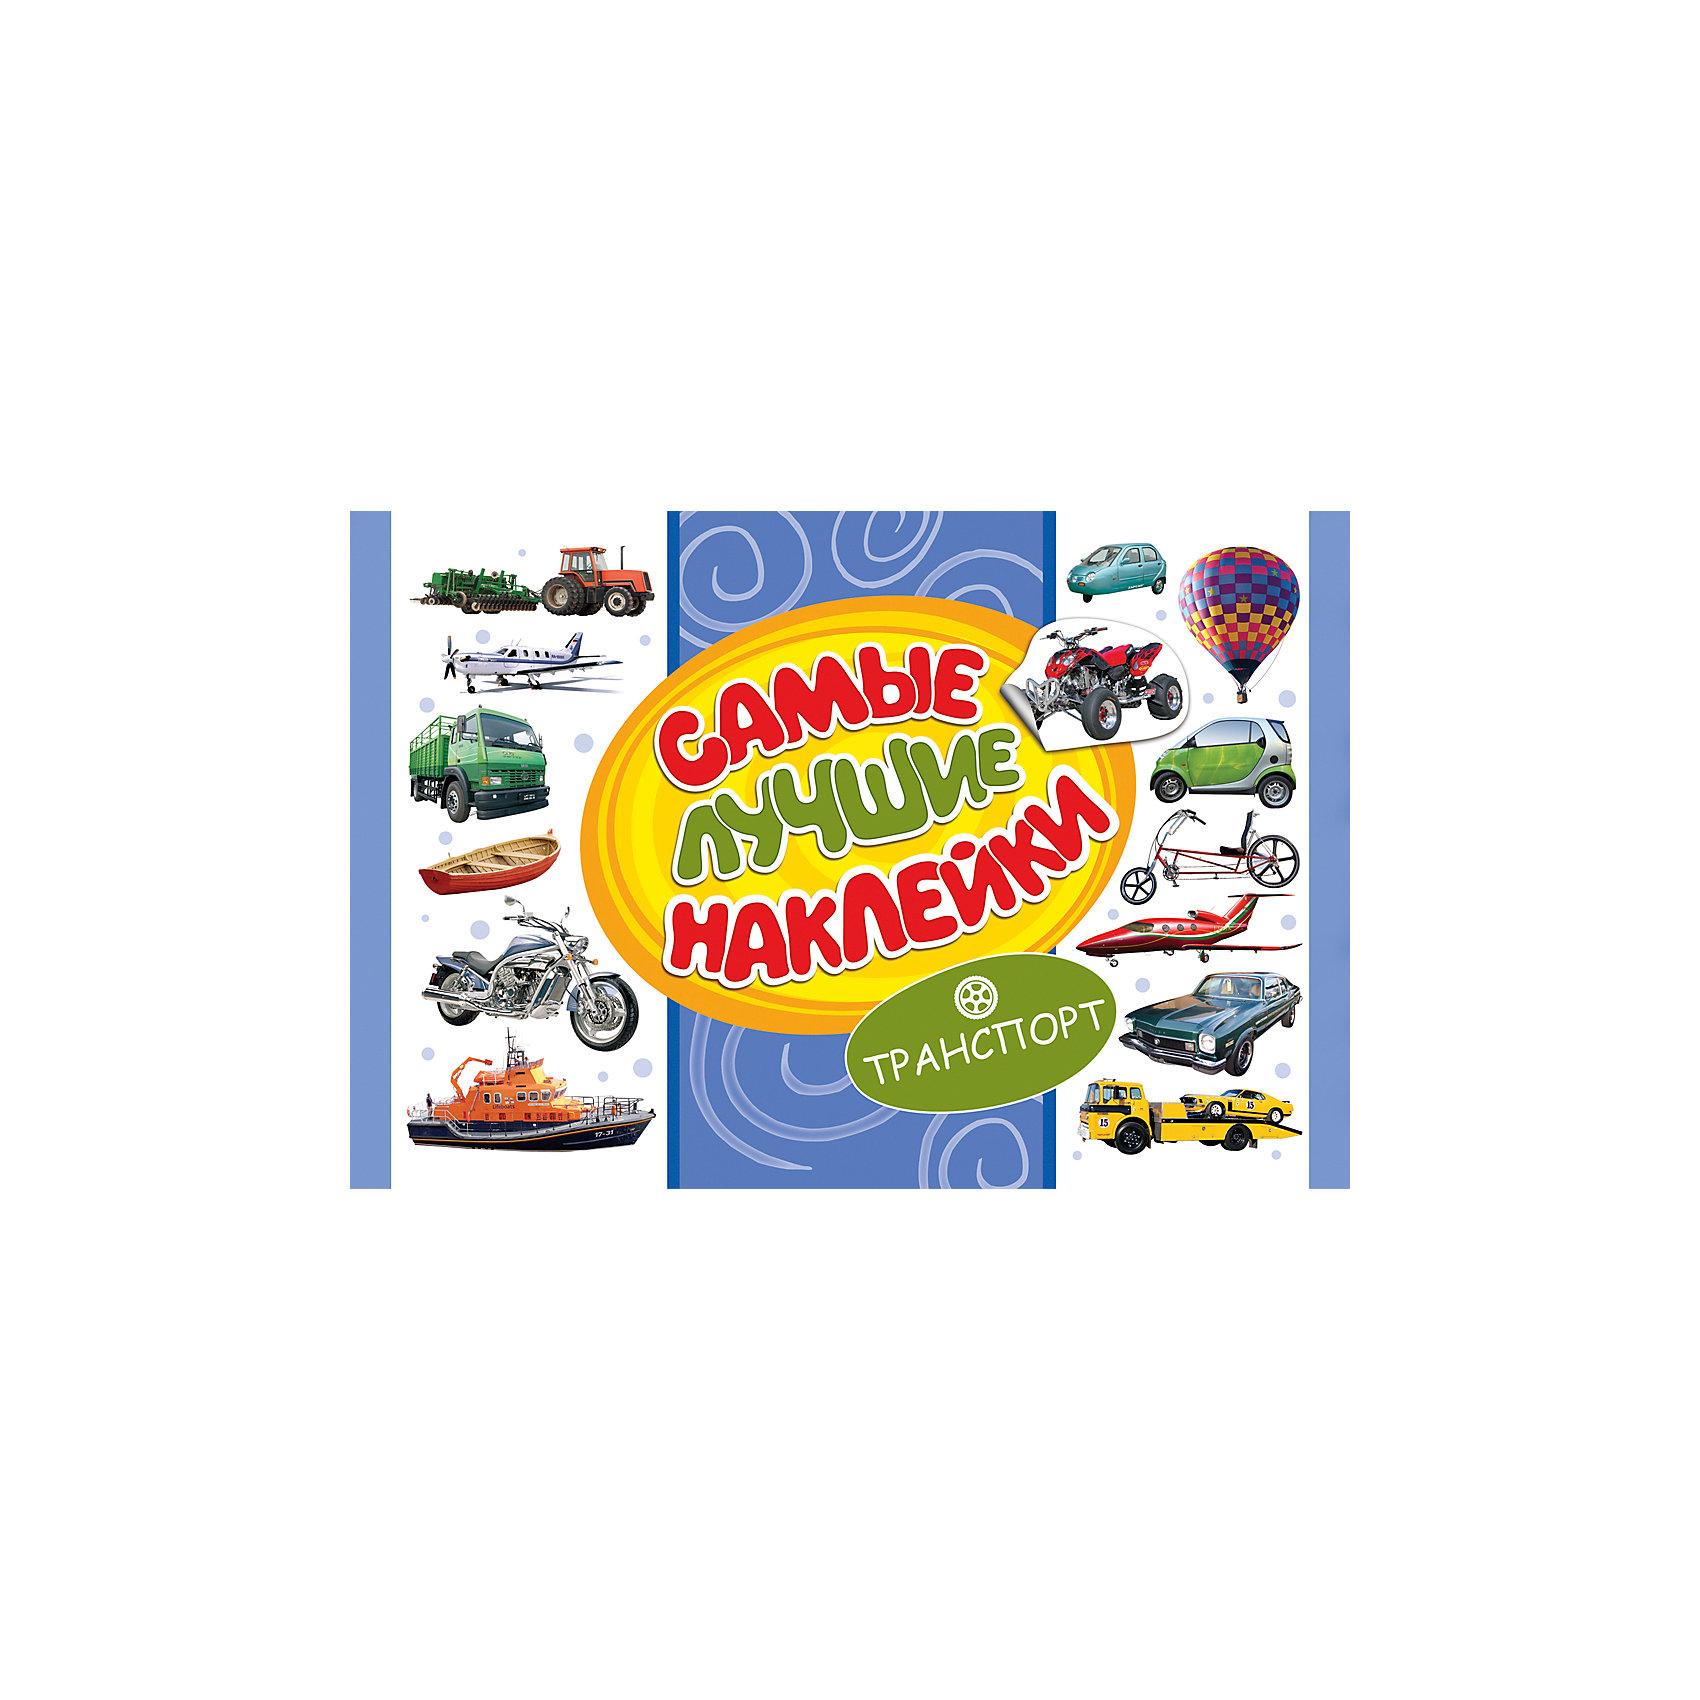 Самые лучшие наклейки, Транспорт (336 наклеек)Альбом Самые лучшие наклейки, Транспорт непременно порадует всех юных любителей техники. В альбоме содержится большое количество тематических наклеек с красочными изображениями различных видов транспорта. Они прекрасно подойдут для украшения рисунков,<br>открыток, различных предметов и игрушек.<br><br><br>Дополнительная информация:<br><br>- Серия: Стикерляндия.<br>- Обложка: мягкая.<br>- Иллюстрации: цветные.<br>- Объем: 16 стр.<br>- Размер: 30 х 0,2 х 20 см.<br>- Вес: 101 гр.<br><br>Самые лучшие наклейки, Транспорт, Росмэн, можно купить в нашем интернет-магазине.<br><br>Ширина мм: 300<br>Глубина мм: 200<br>Высота мм: 2<br>Вес г: 101<br>Возраст от месяцев: 60<br>Возраст до месяцев: 144<br>Пол: Унисекс<br>Возраст: Детский<br>SKU: 4720619